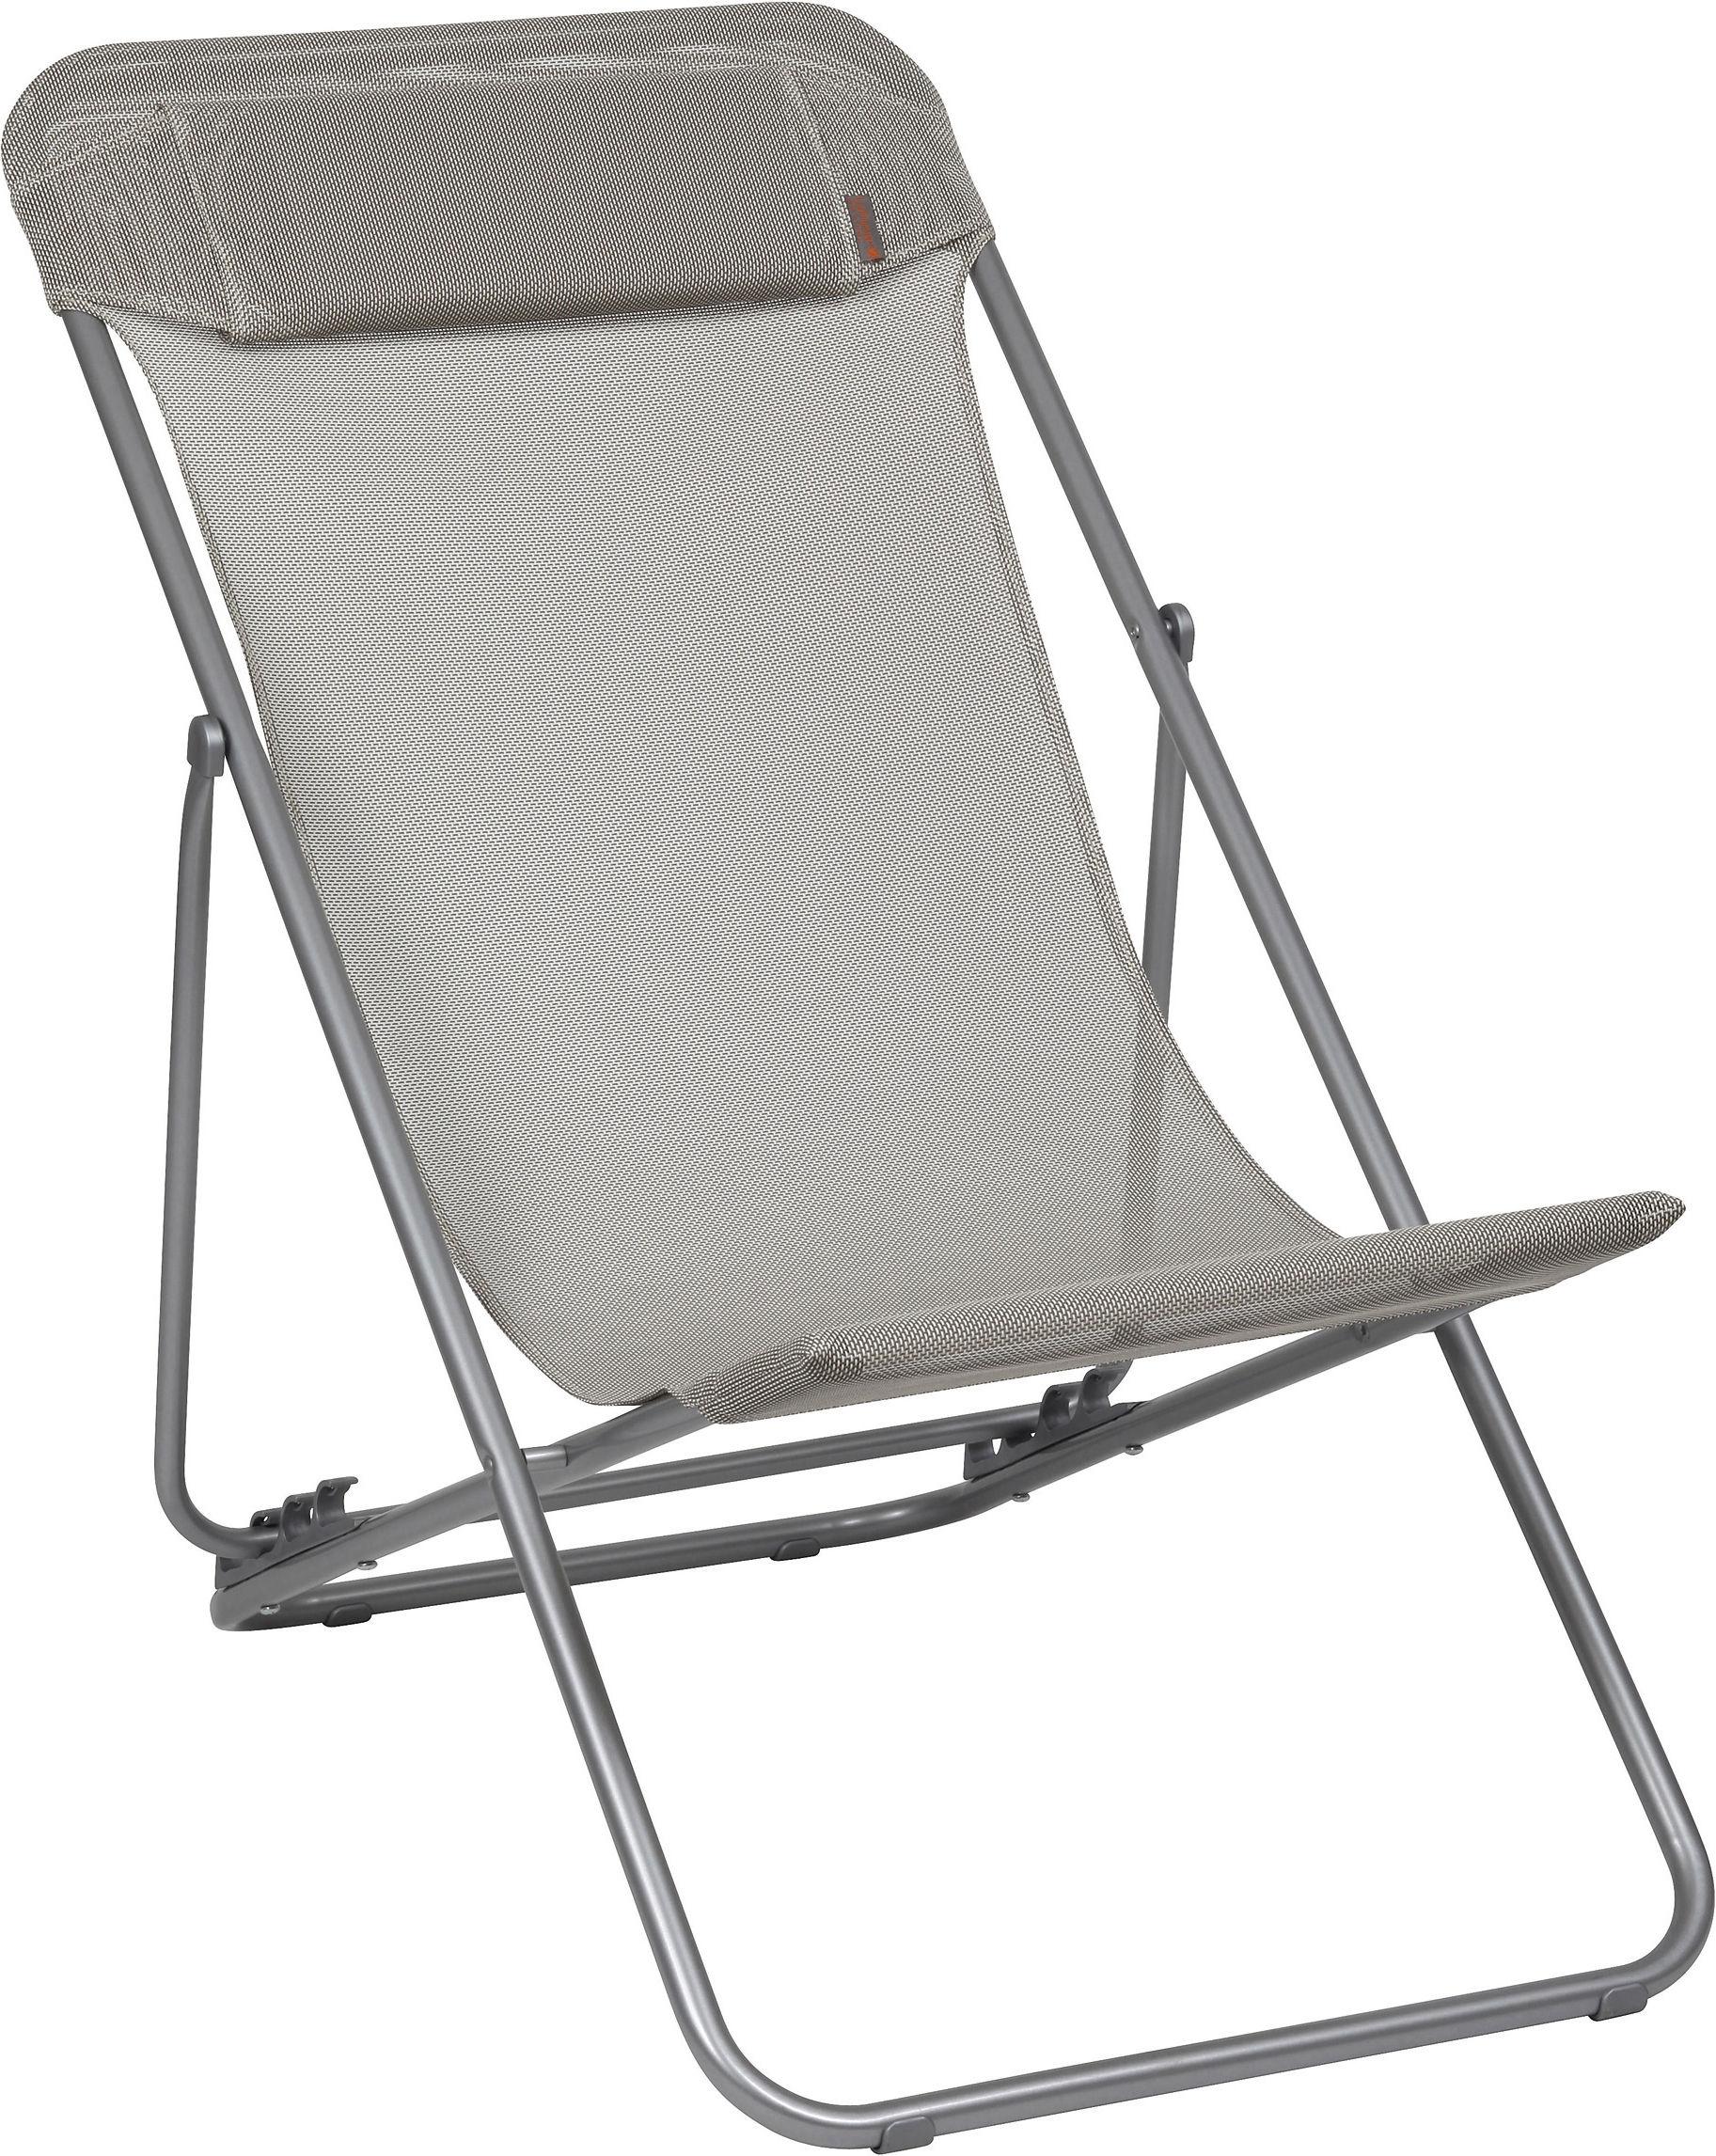 Toile de rechange pour chaise longue transaluxe seigle for Changer toile chaise longue